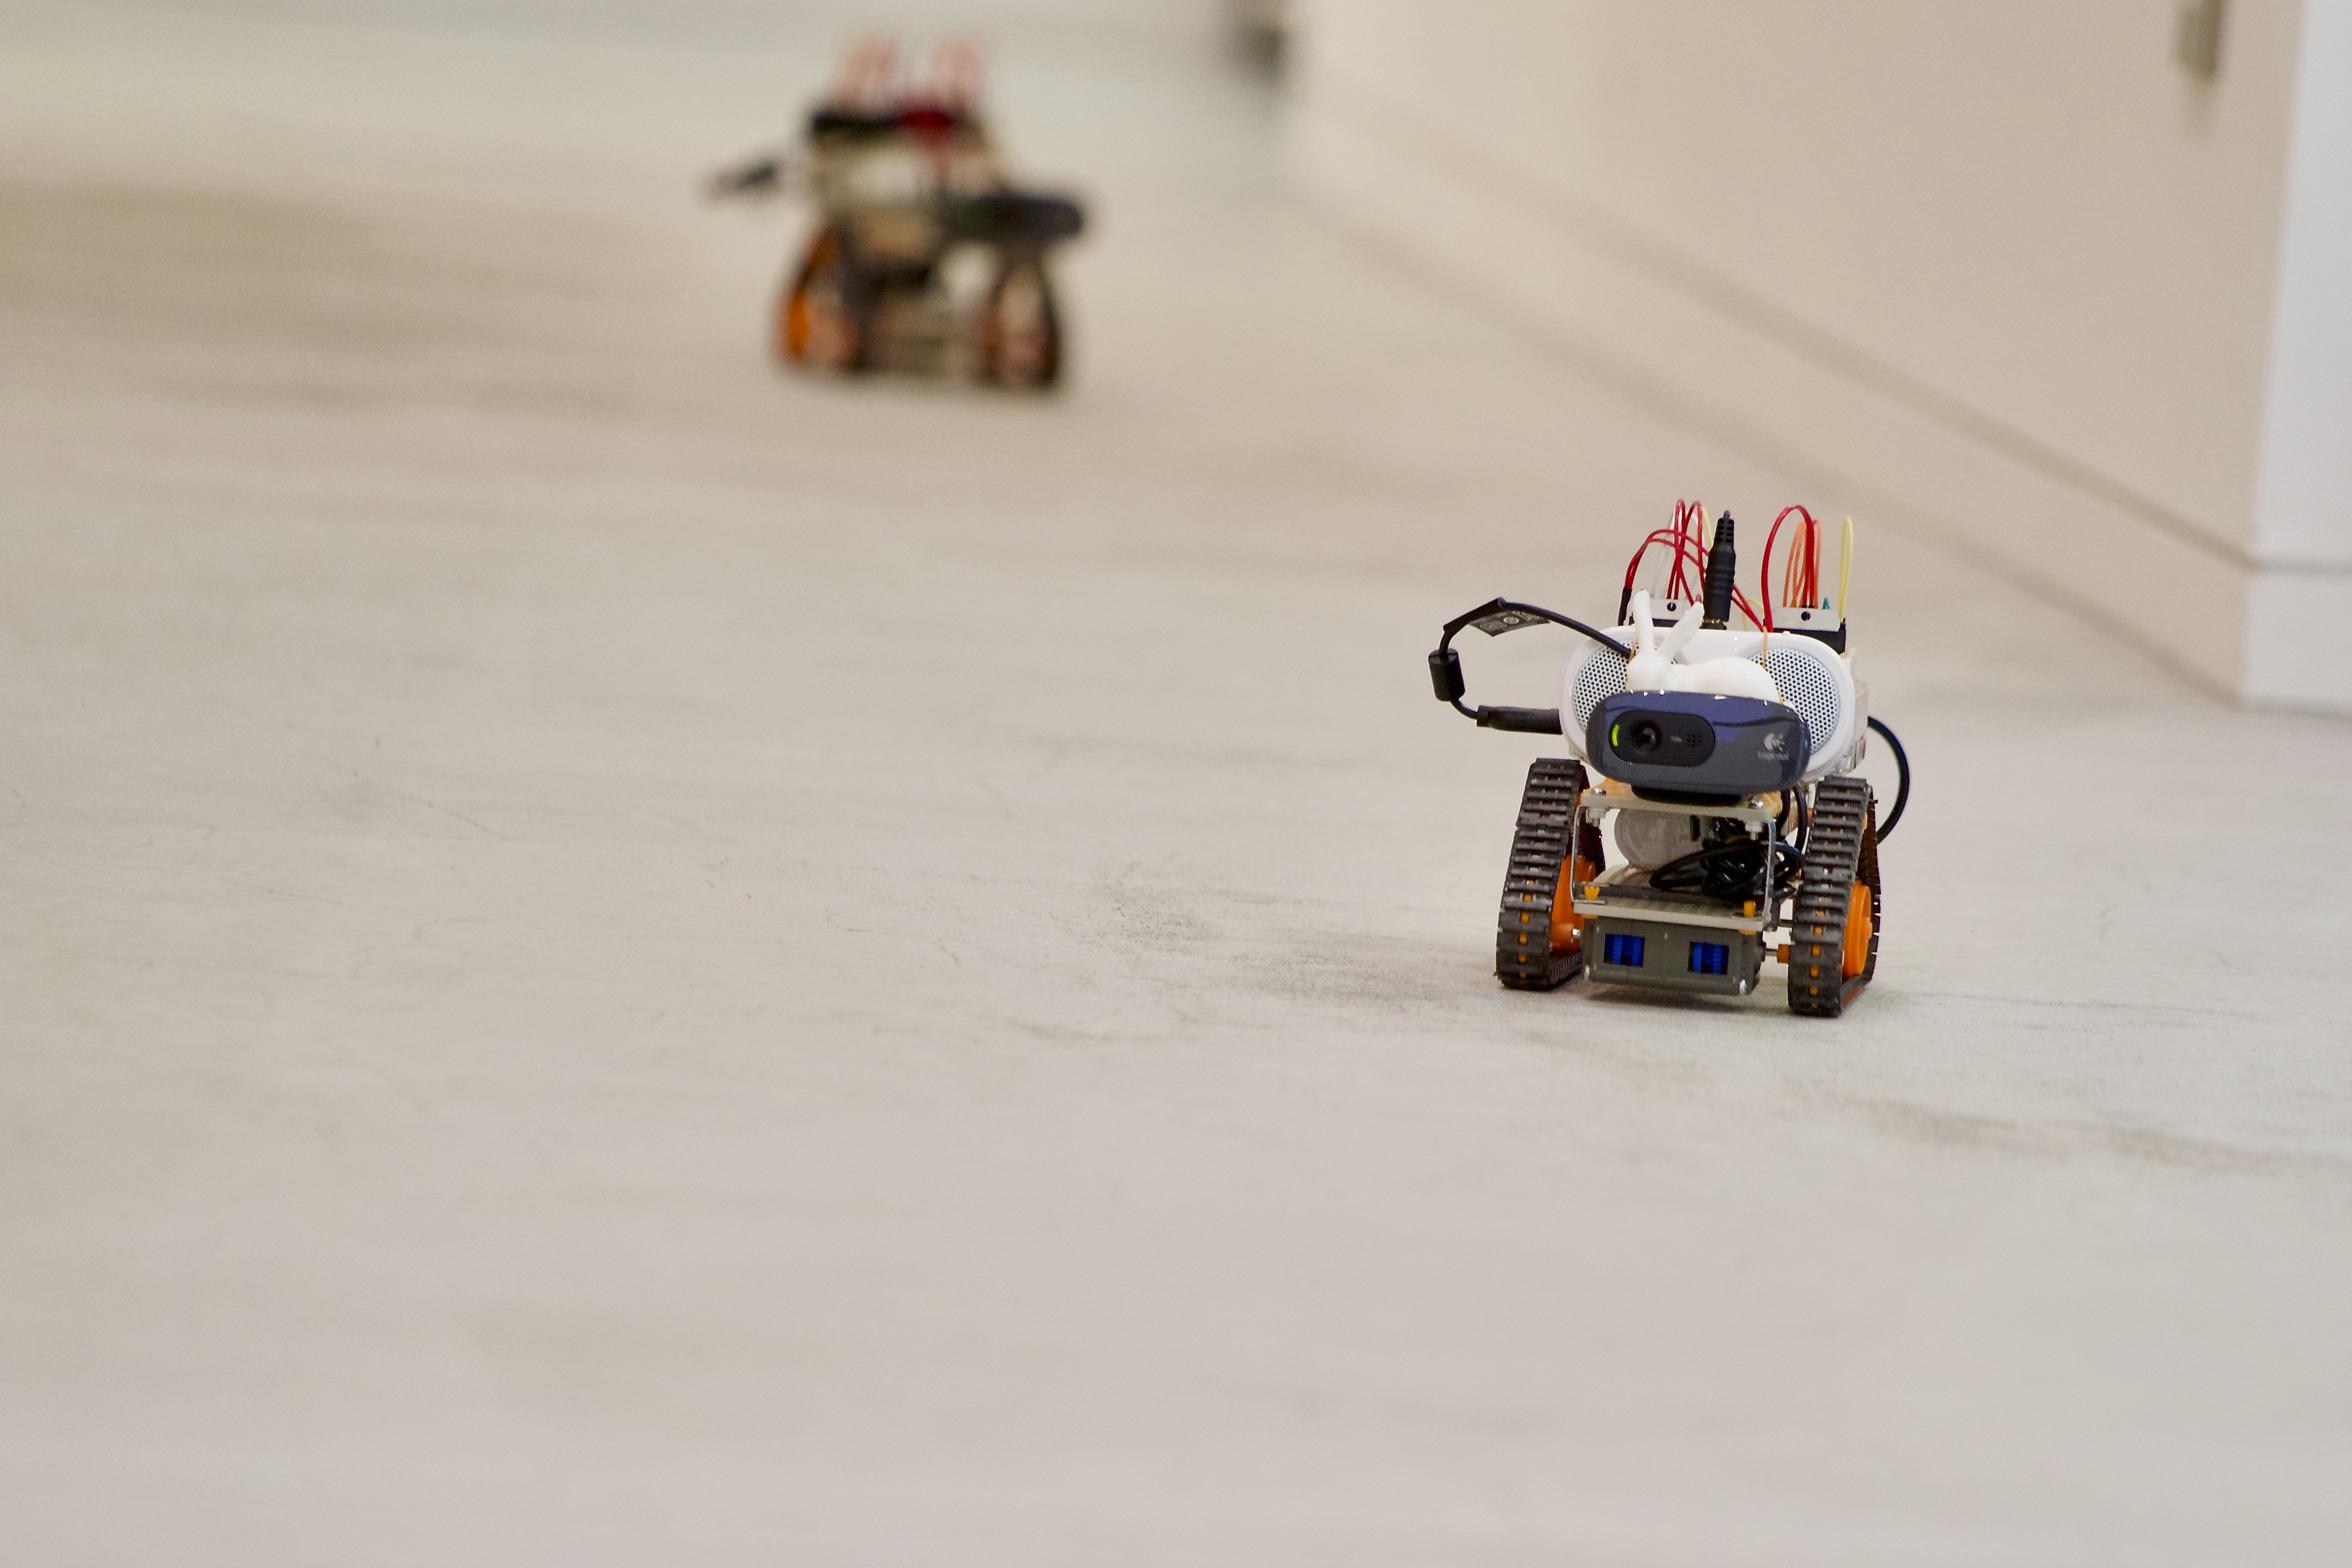 【イベントレポート】ロボットを作って学ぶ「IoT」ブートキャンプ